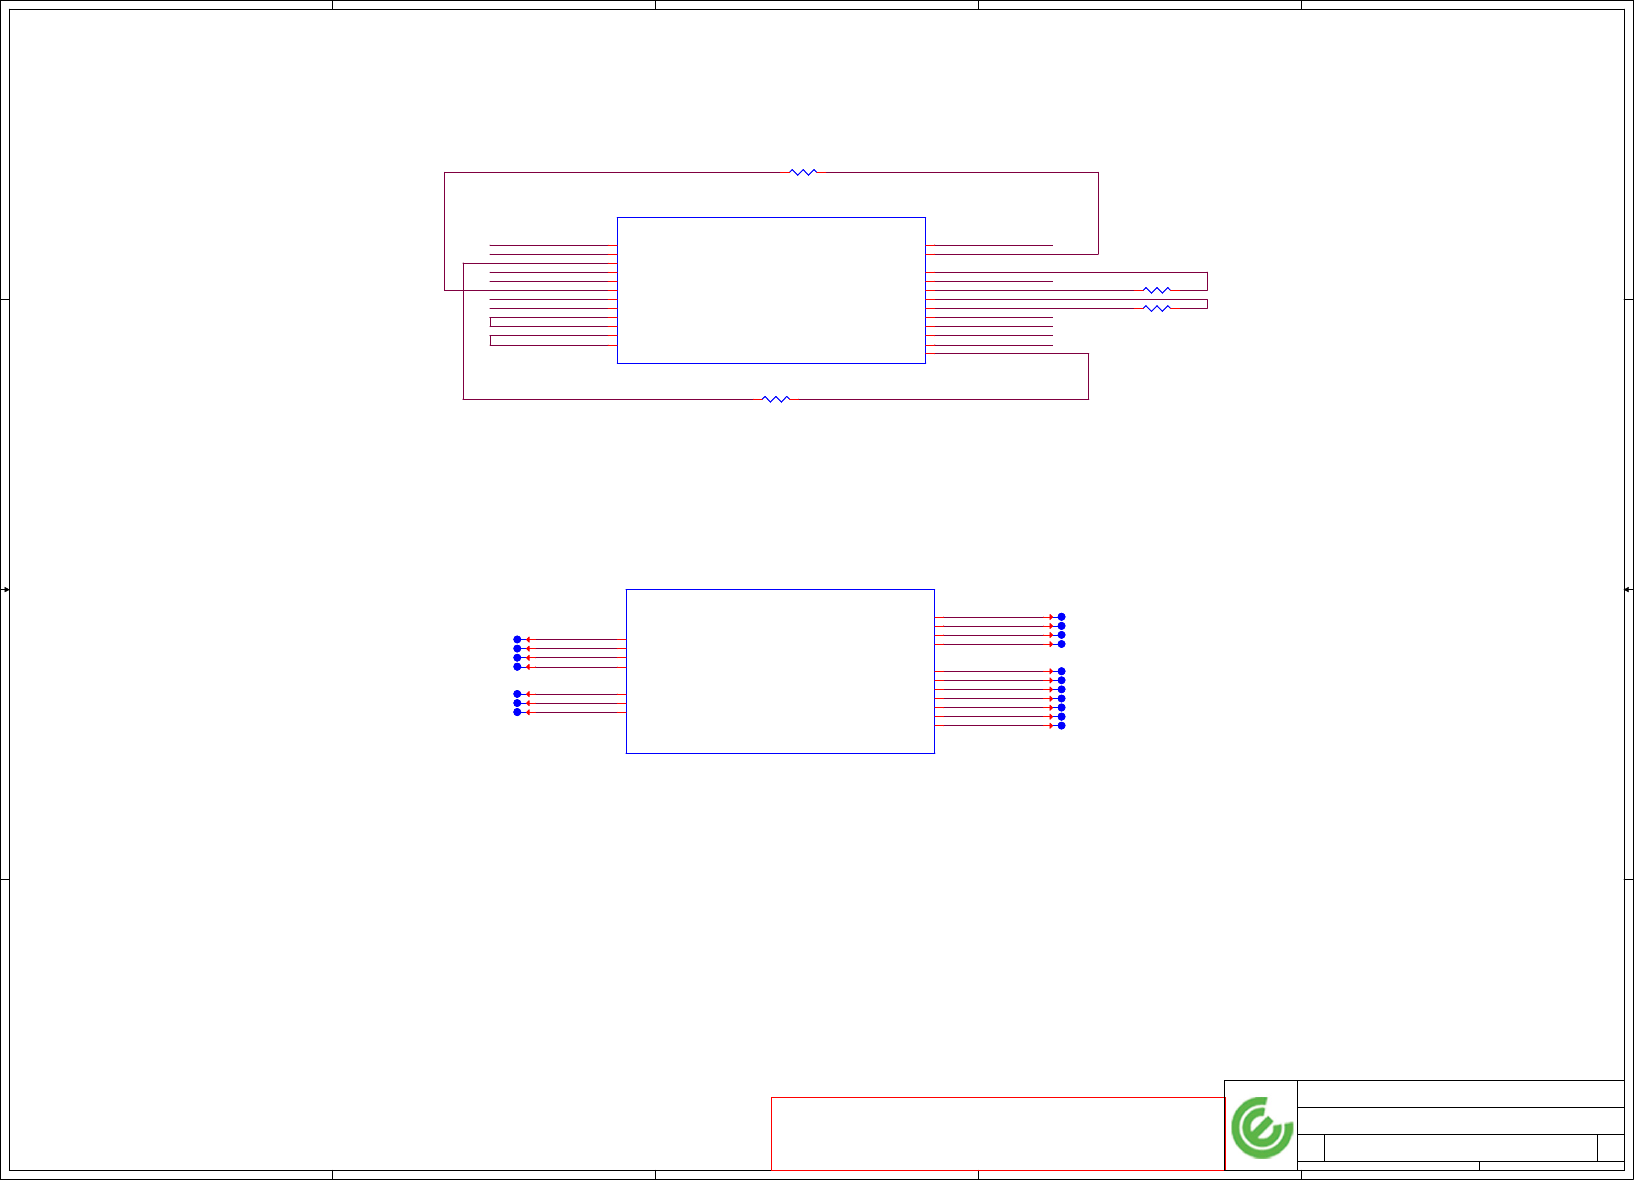 Compal LA 9431P Schematics. Www.s manuals.com. R1.0 Schematics